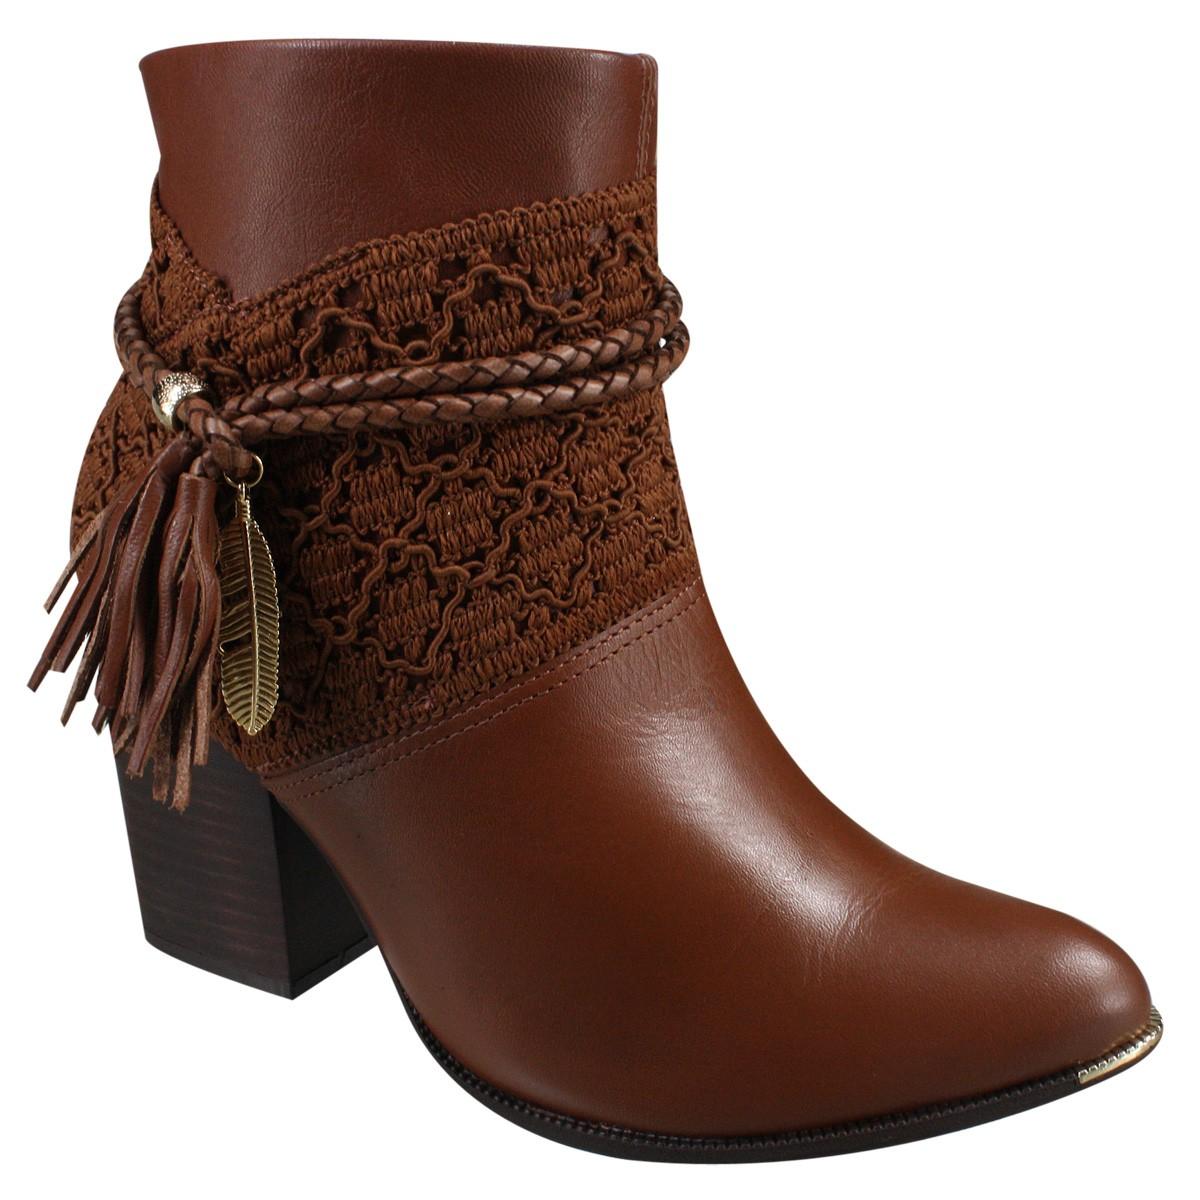 caf4ed5e9 Bota Ramarim Ankle Boot 17-16102 000003 - Pinhão (Naturale Soft ...